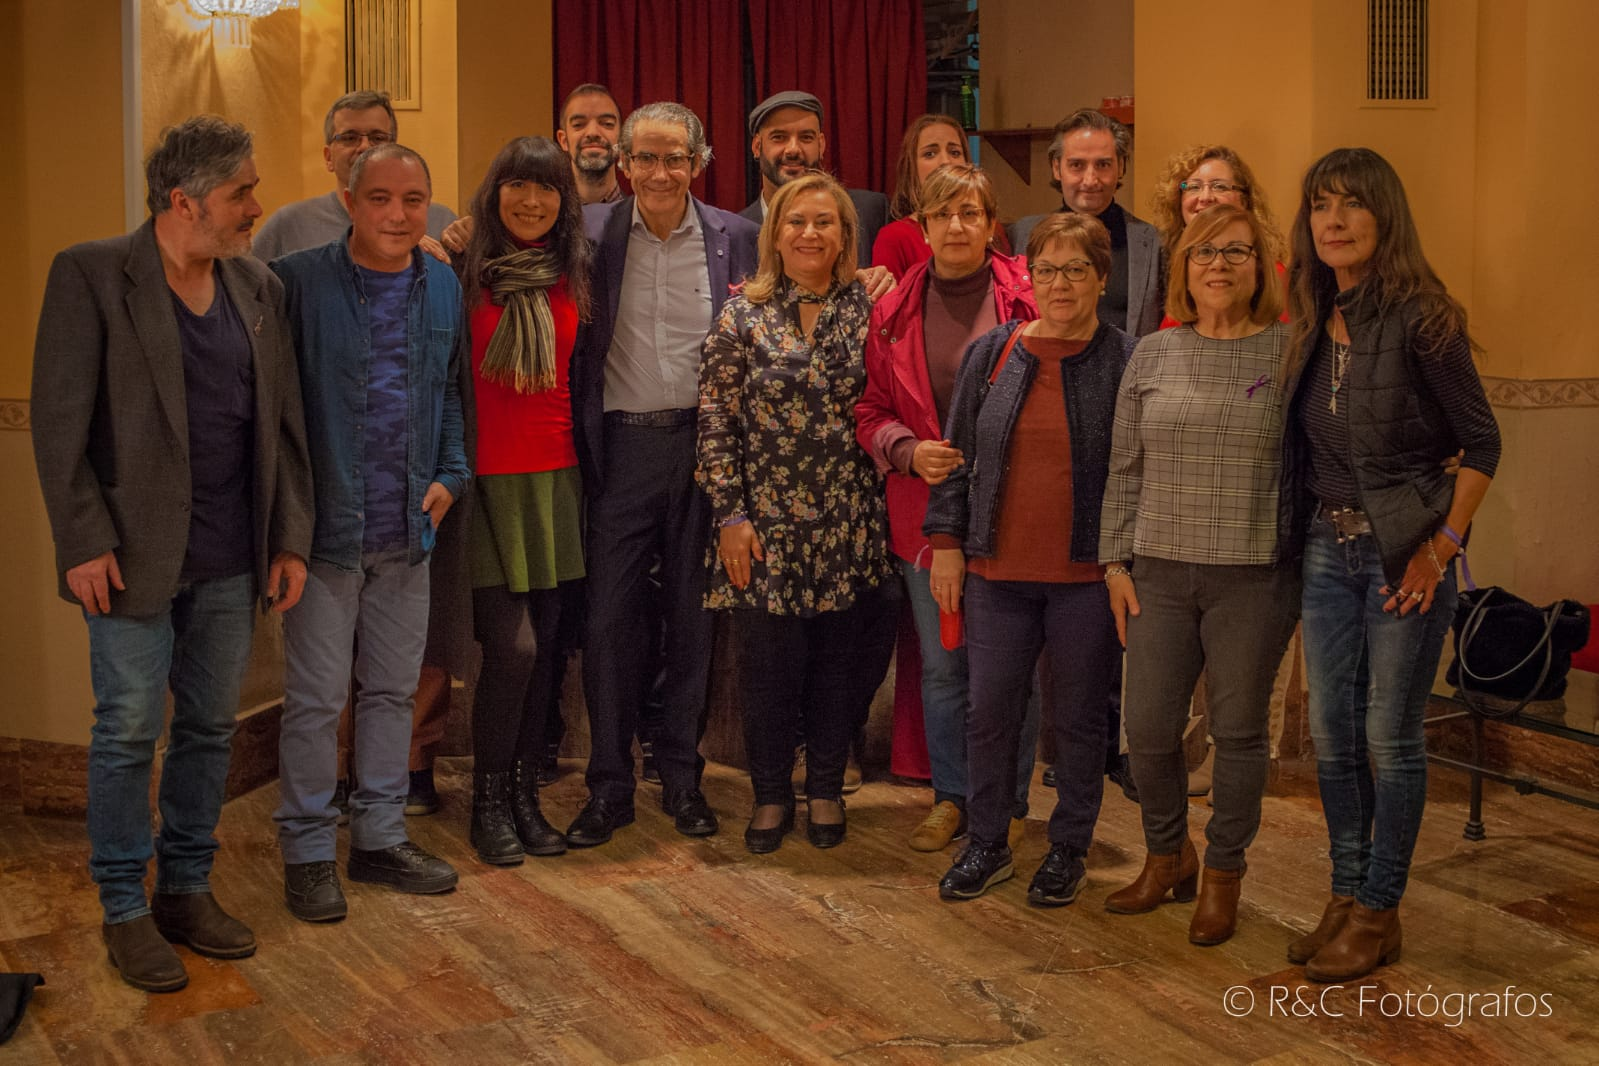 Gran éxito de CANTAUTARIA IV, Homenaje a Silvio Rodríguez, a favor de los afectados por fibromialgia